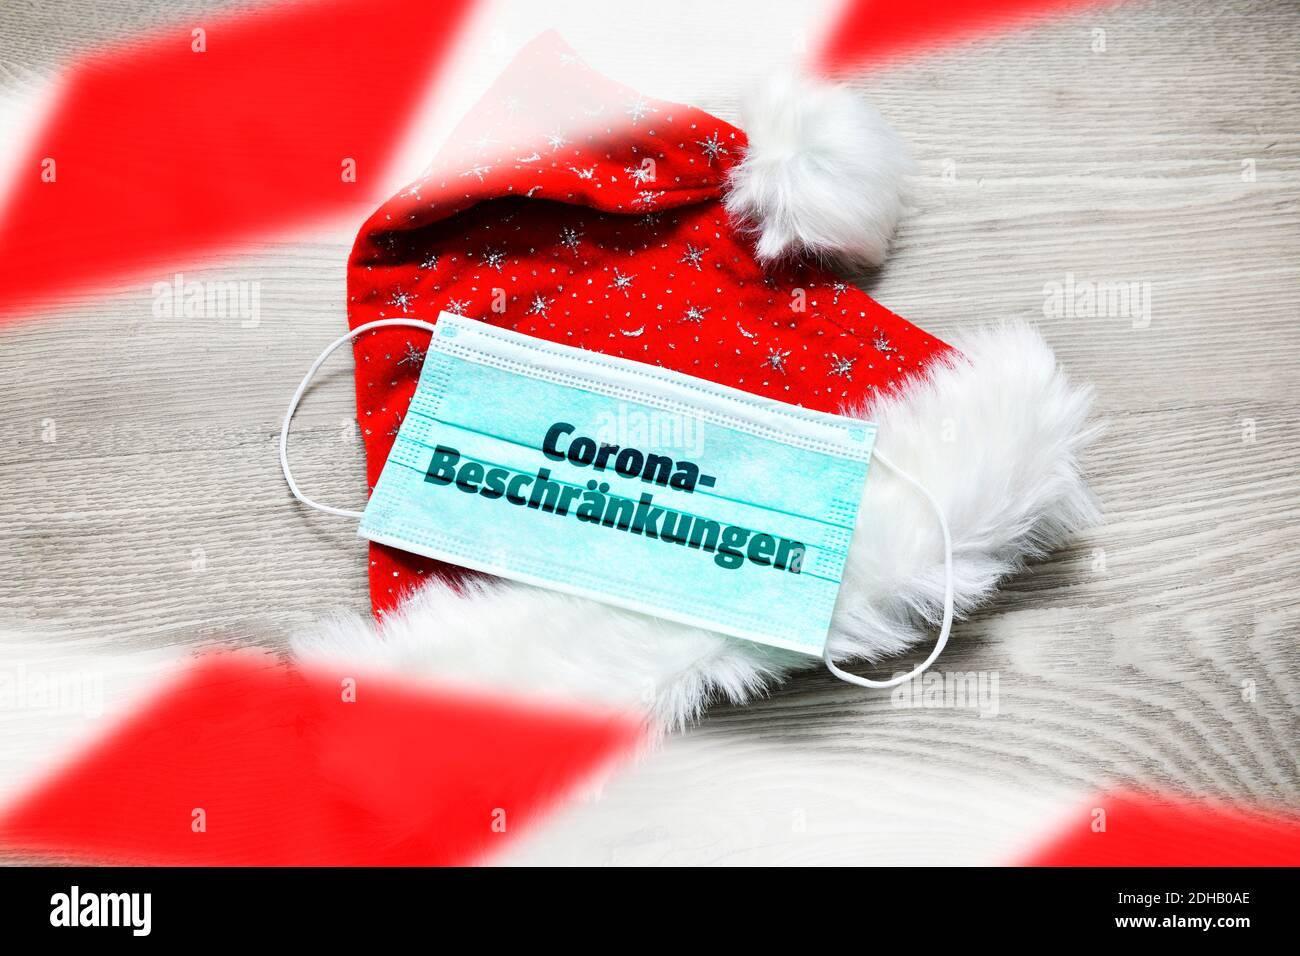 FOTOMONTAGE, Schutzmaske auf Weihnachtsmannmütze mit der Aufschrift Corona-Beschränkungen, Weihnachtsfest zu Corona-Zeiten Banque D'Images